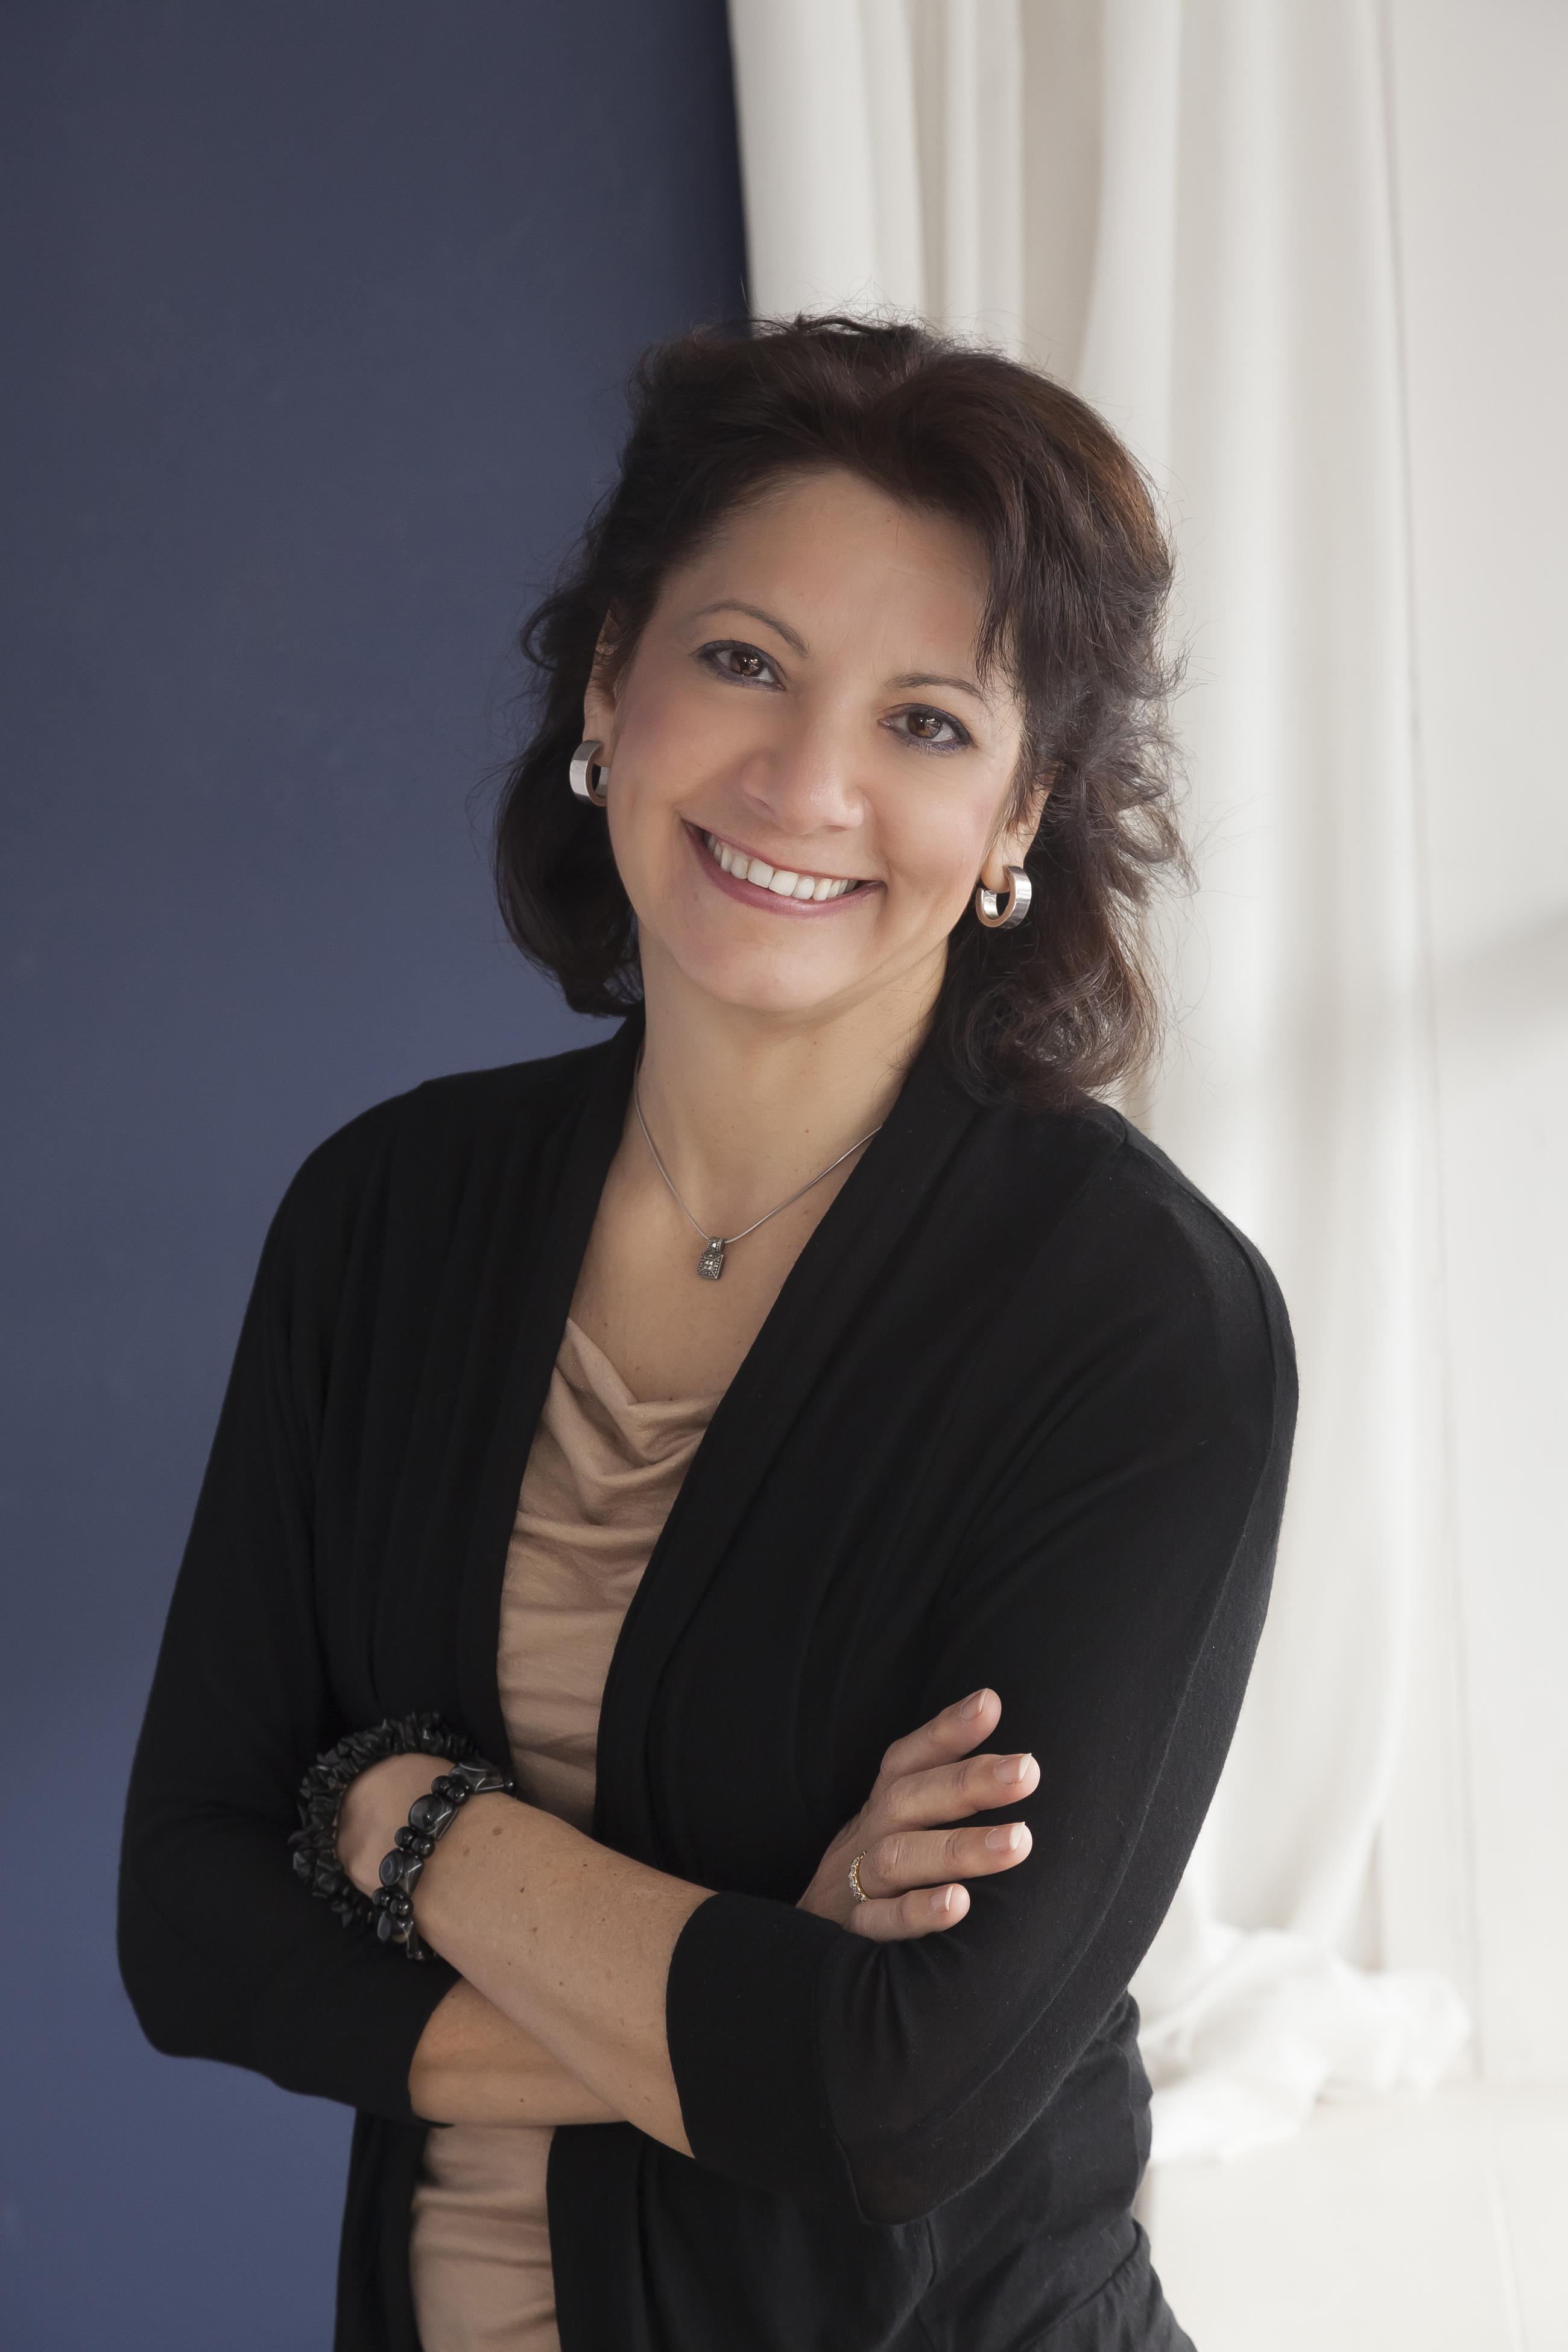 Angela Marchese